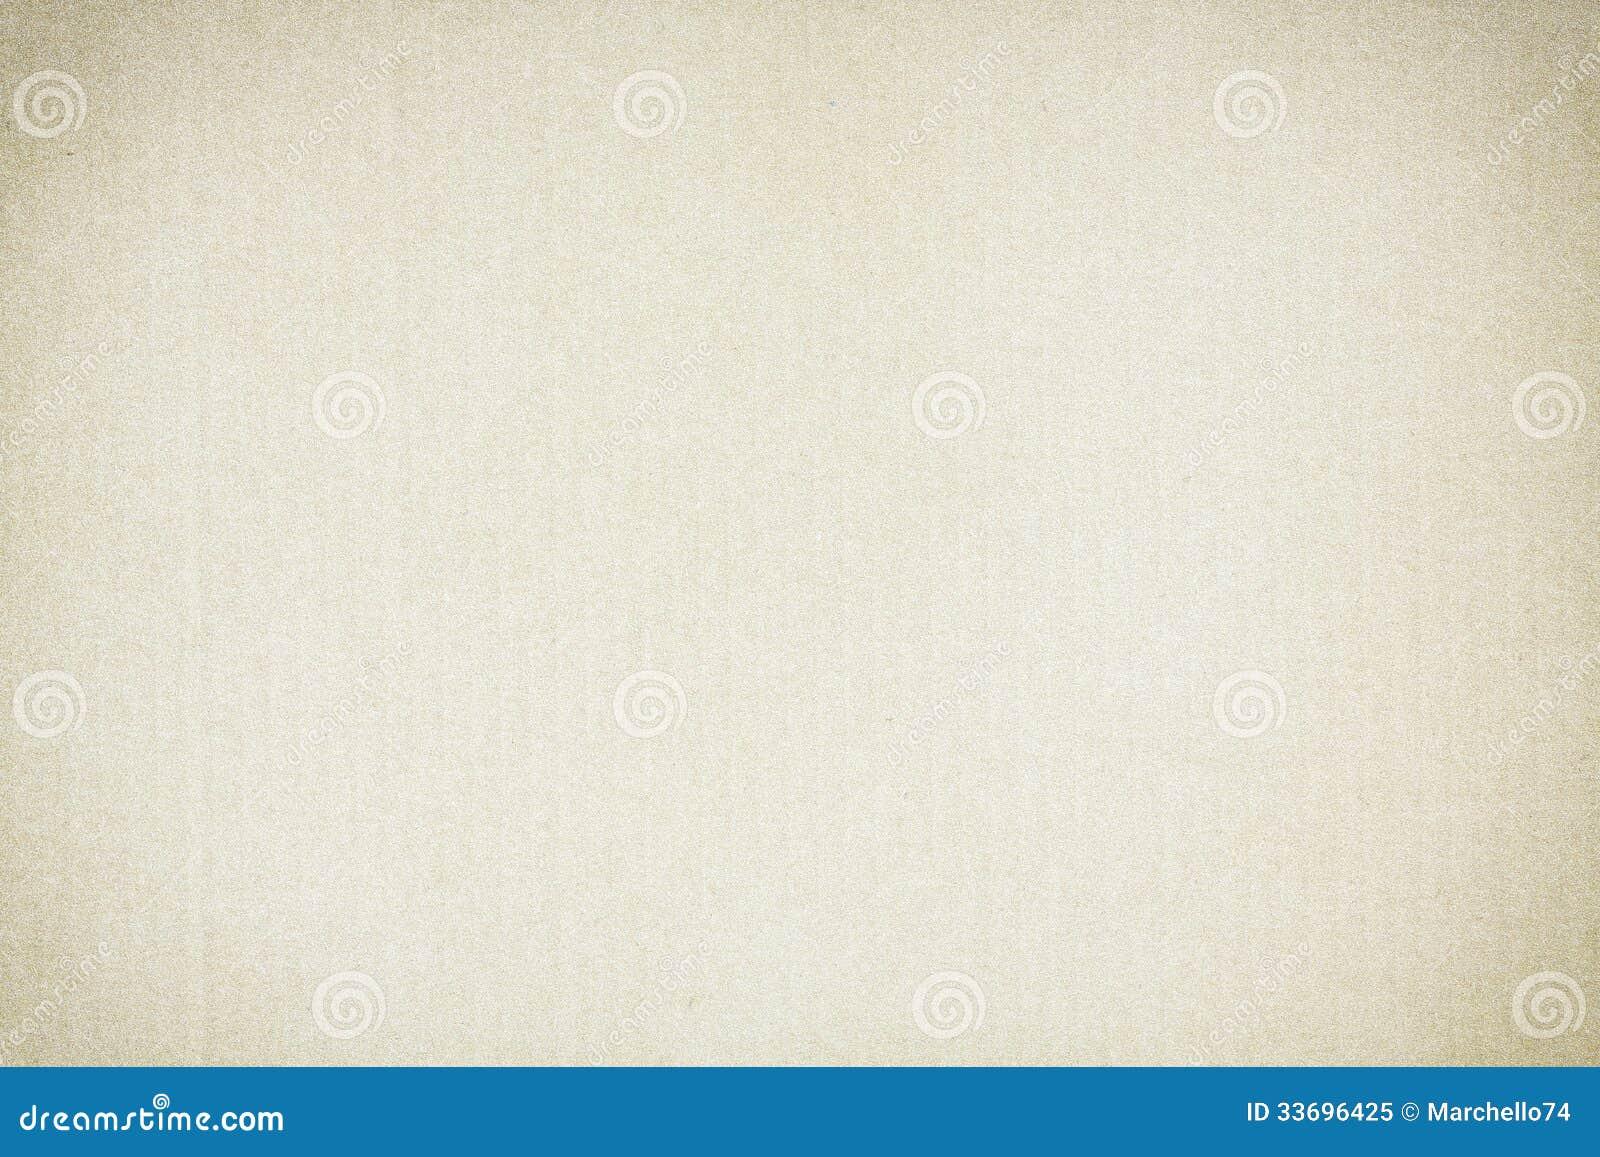 Jet texturis de carton avec la peinture blanche photo libre de droits image 33696425 for Peinture blanche